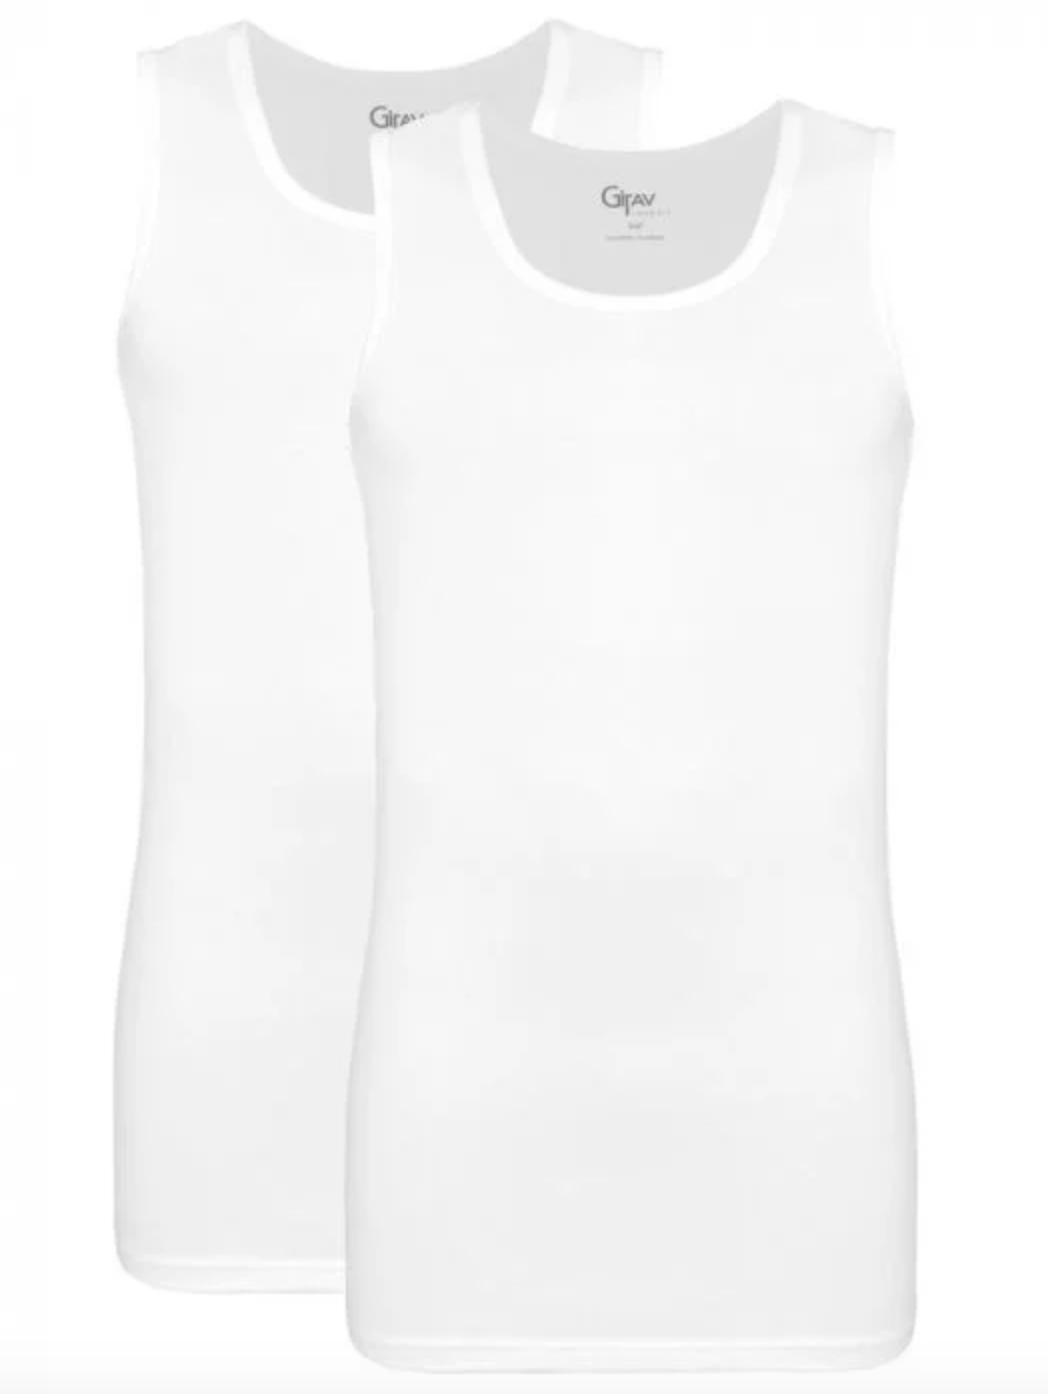 V-neck t-shirts singlet